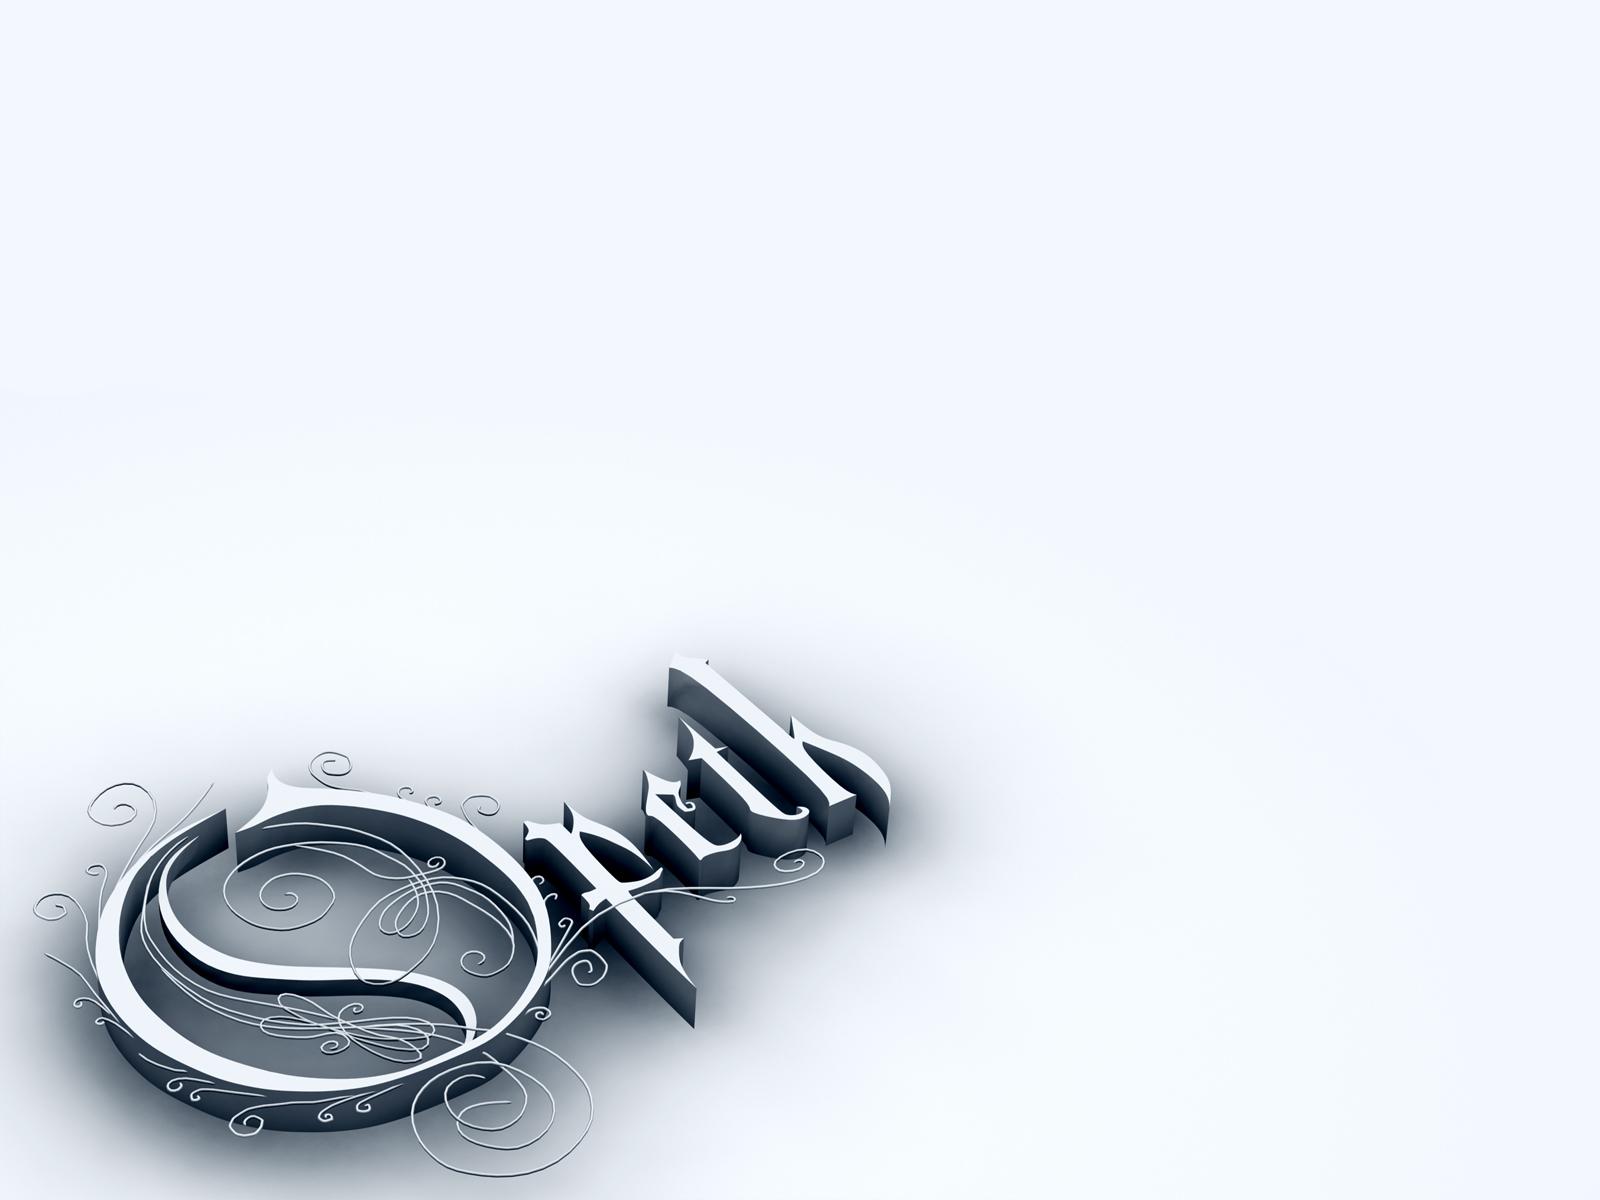 http://1.bp.blogspot.com/-tvA7l9hefAQ/Tprz5qQ_3bI/AAAAAAAAF84/nEa5UPTLOCw/s1600/opeth4.jpg